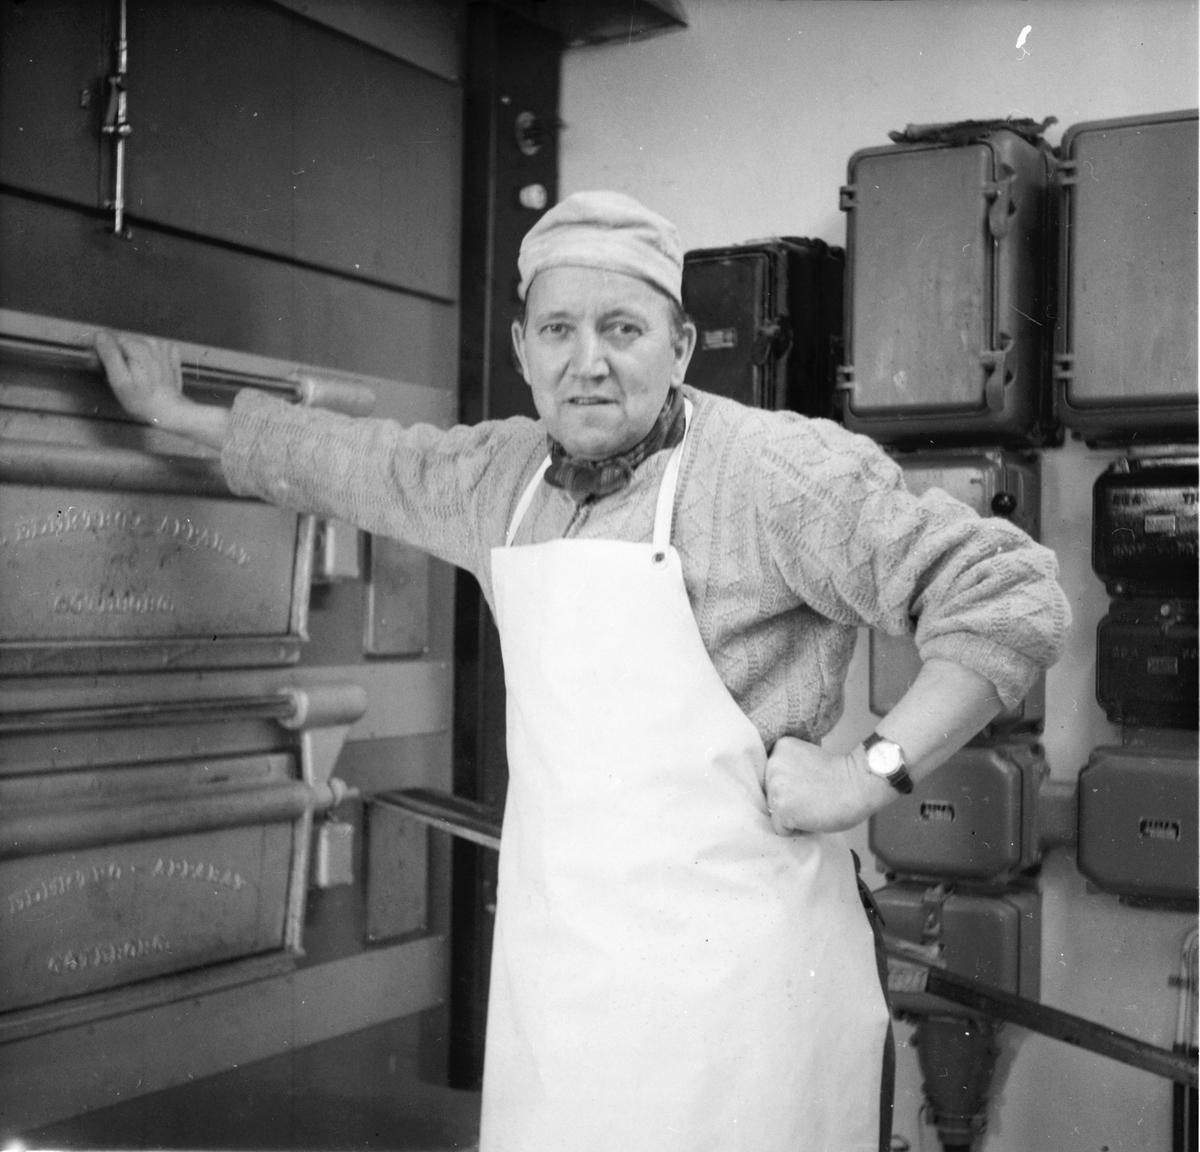 Bagarmästare Artur Markström 60 år. Stråtjära 20/6 1963